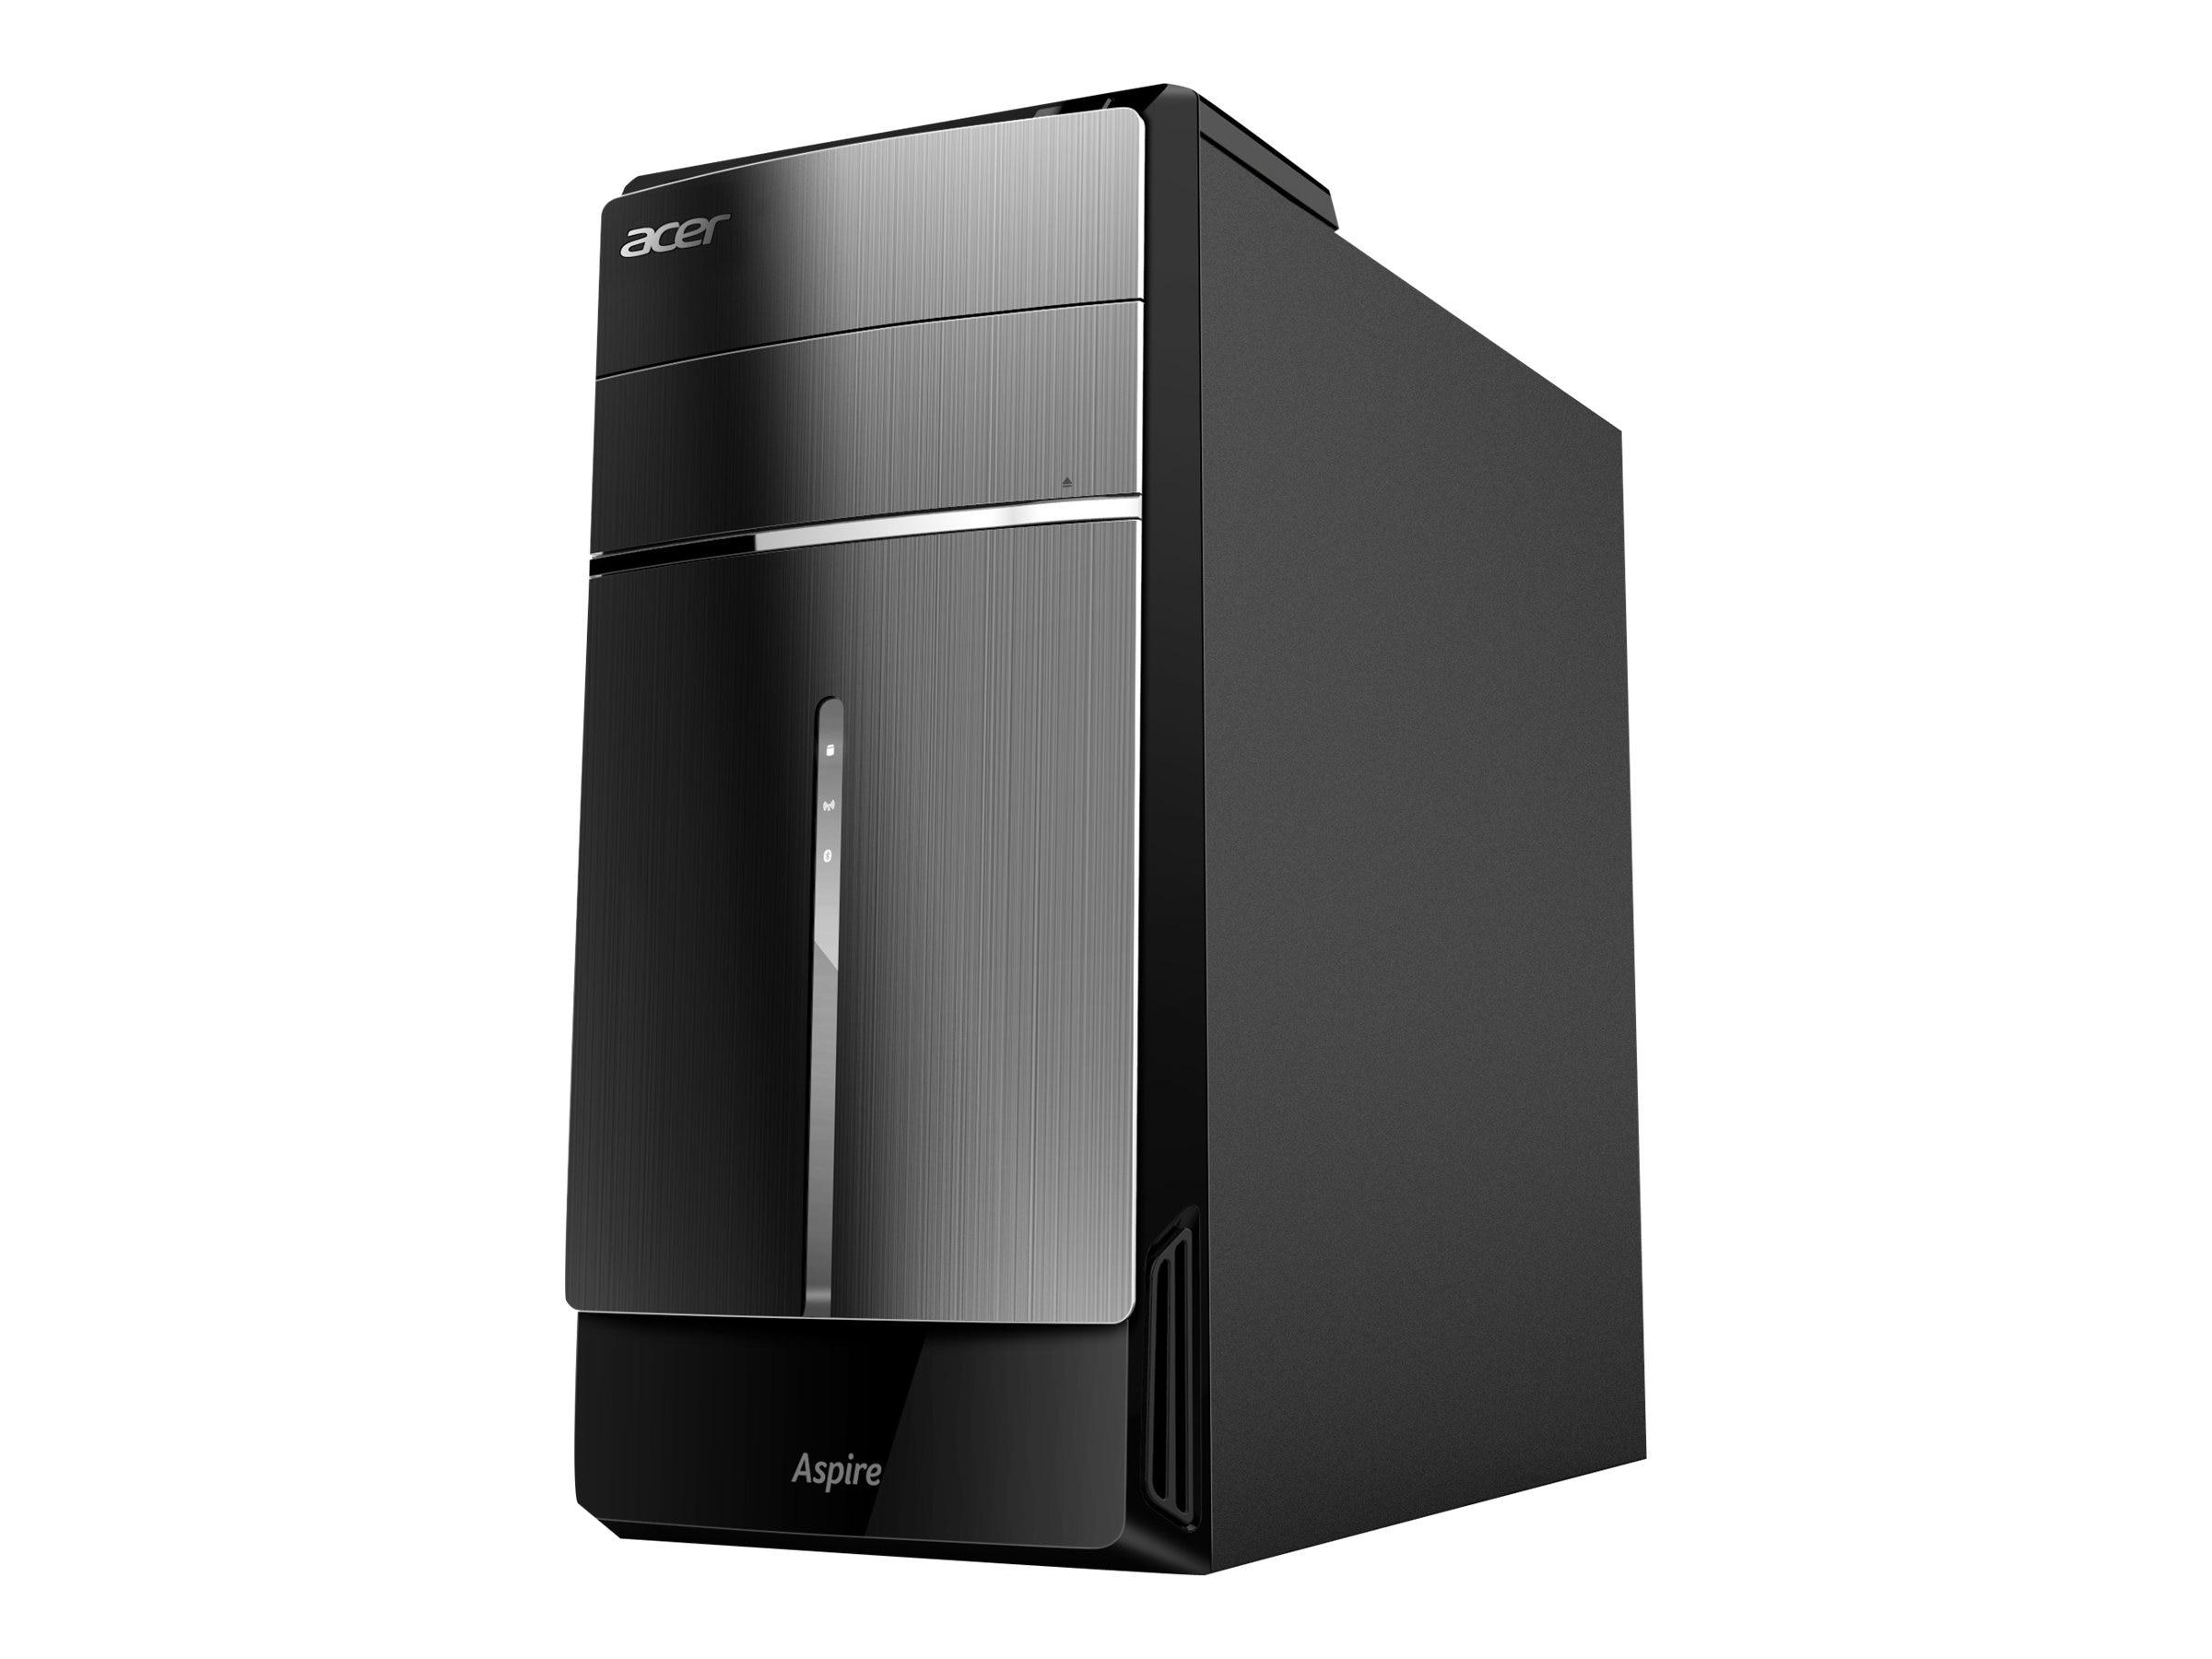 Acer Aspire ATC-605-UR18 Core i7-4770 3.4GHz 8GB 1TB HD4600 DVD SM GbE bgn BT W8.164, DT.SRQAA.024, 17286367, Desktops